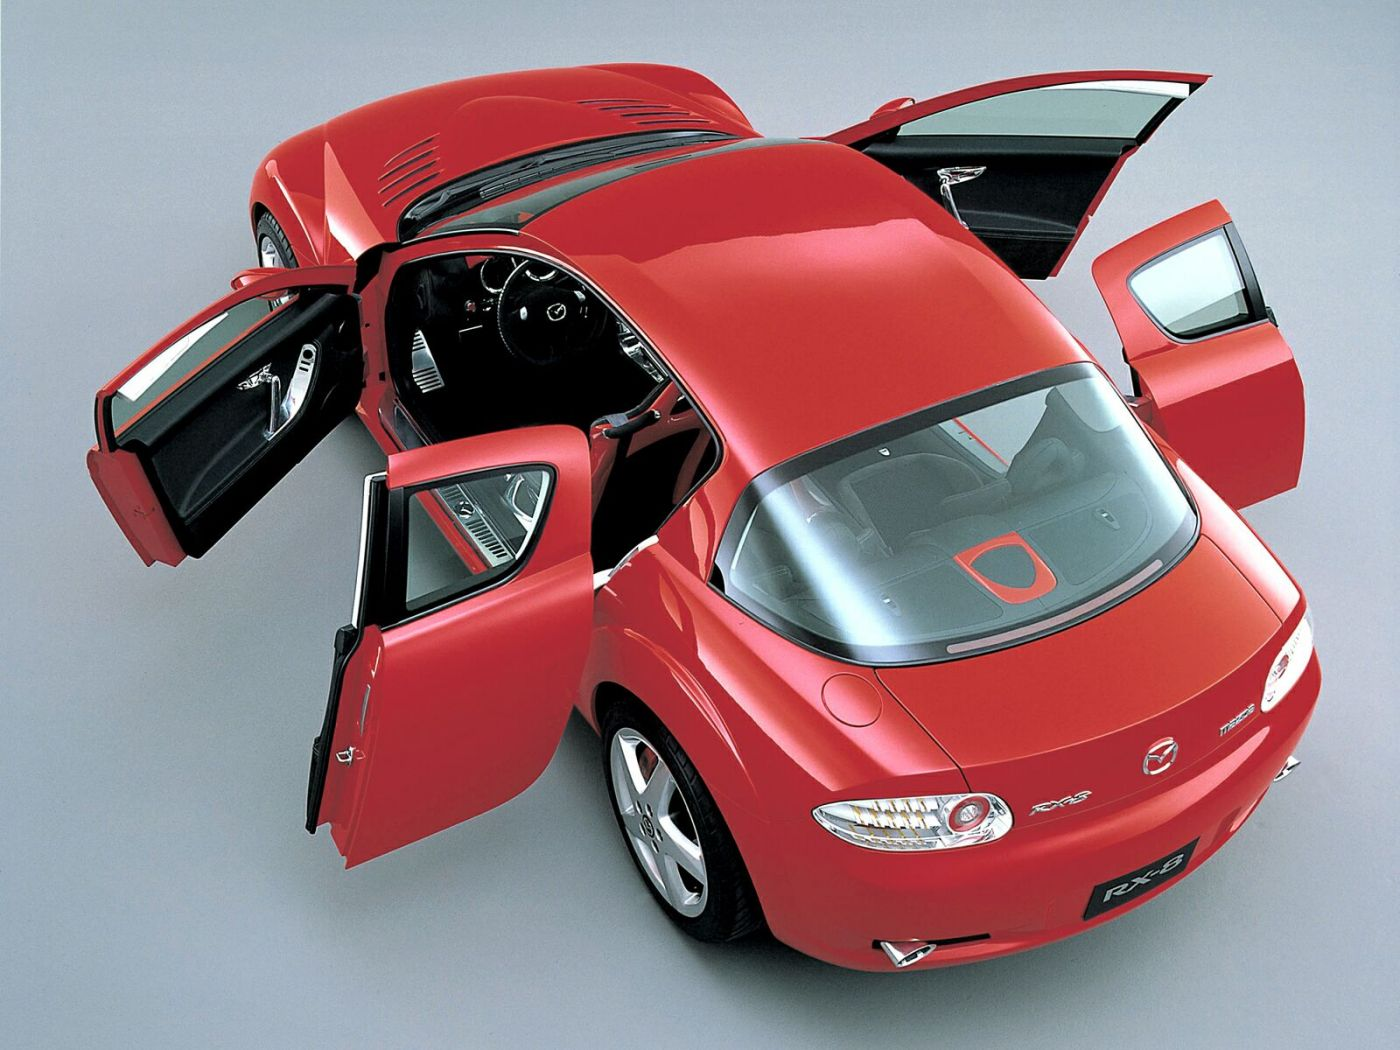 Mazda Rx8 Top View Doors Open Wallpaper 1400x1050